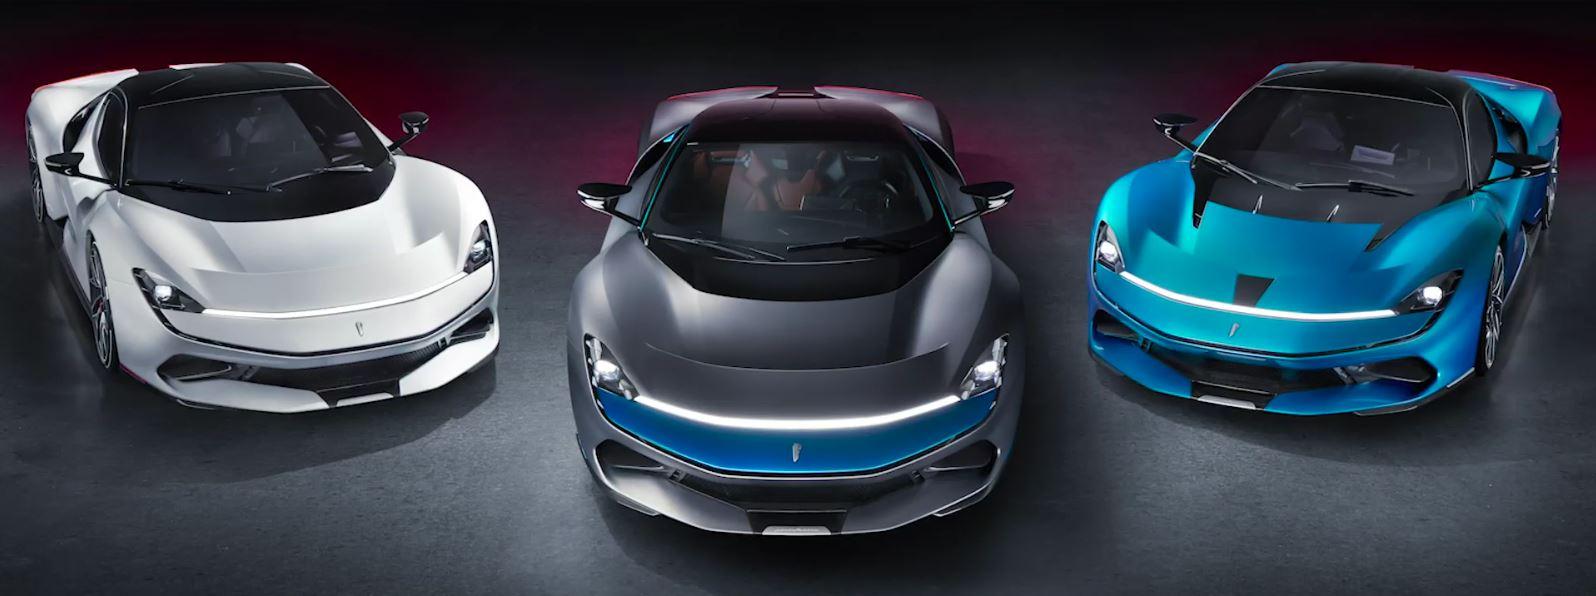 Hypercar Battista By Mahindra Mahindra Group Of Companies Pininfarina Set The Benchmark Electric Vehicles India